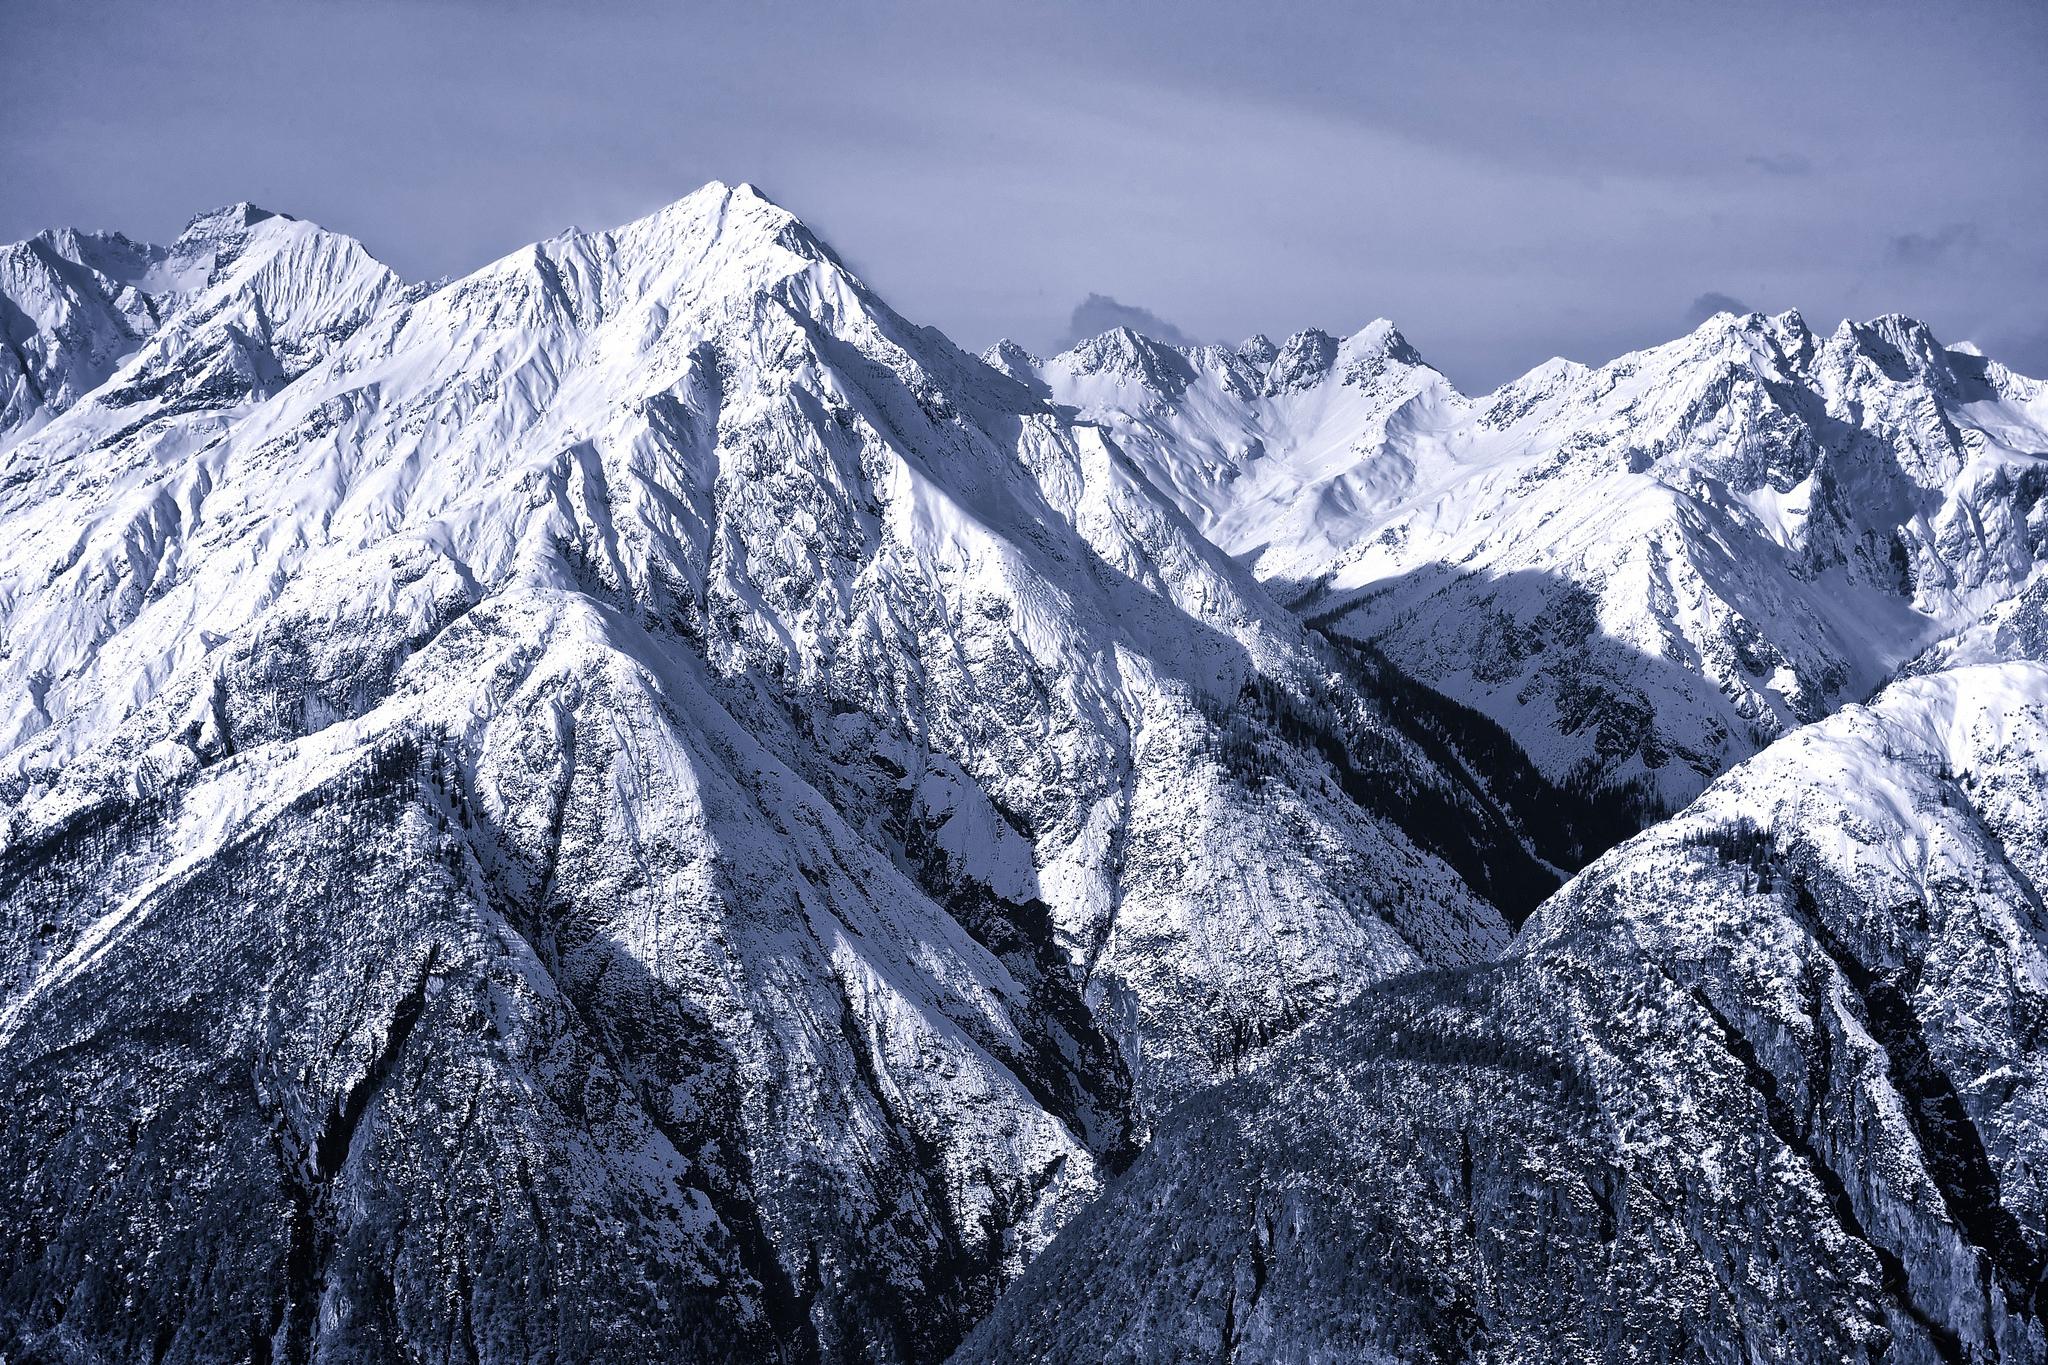 картинки горные снежные вершины московского водителя